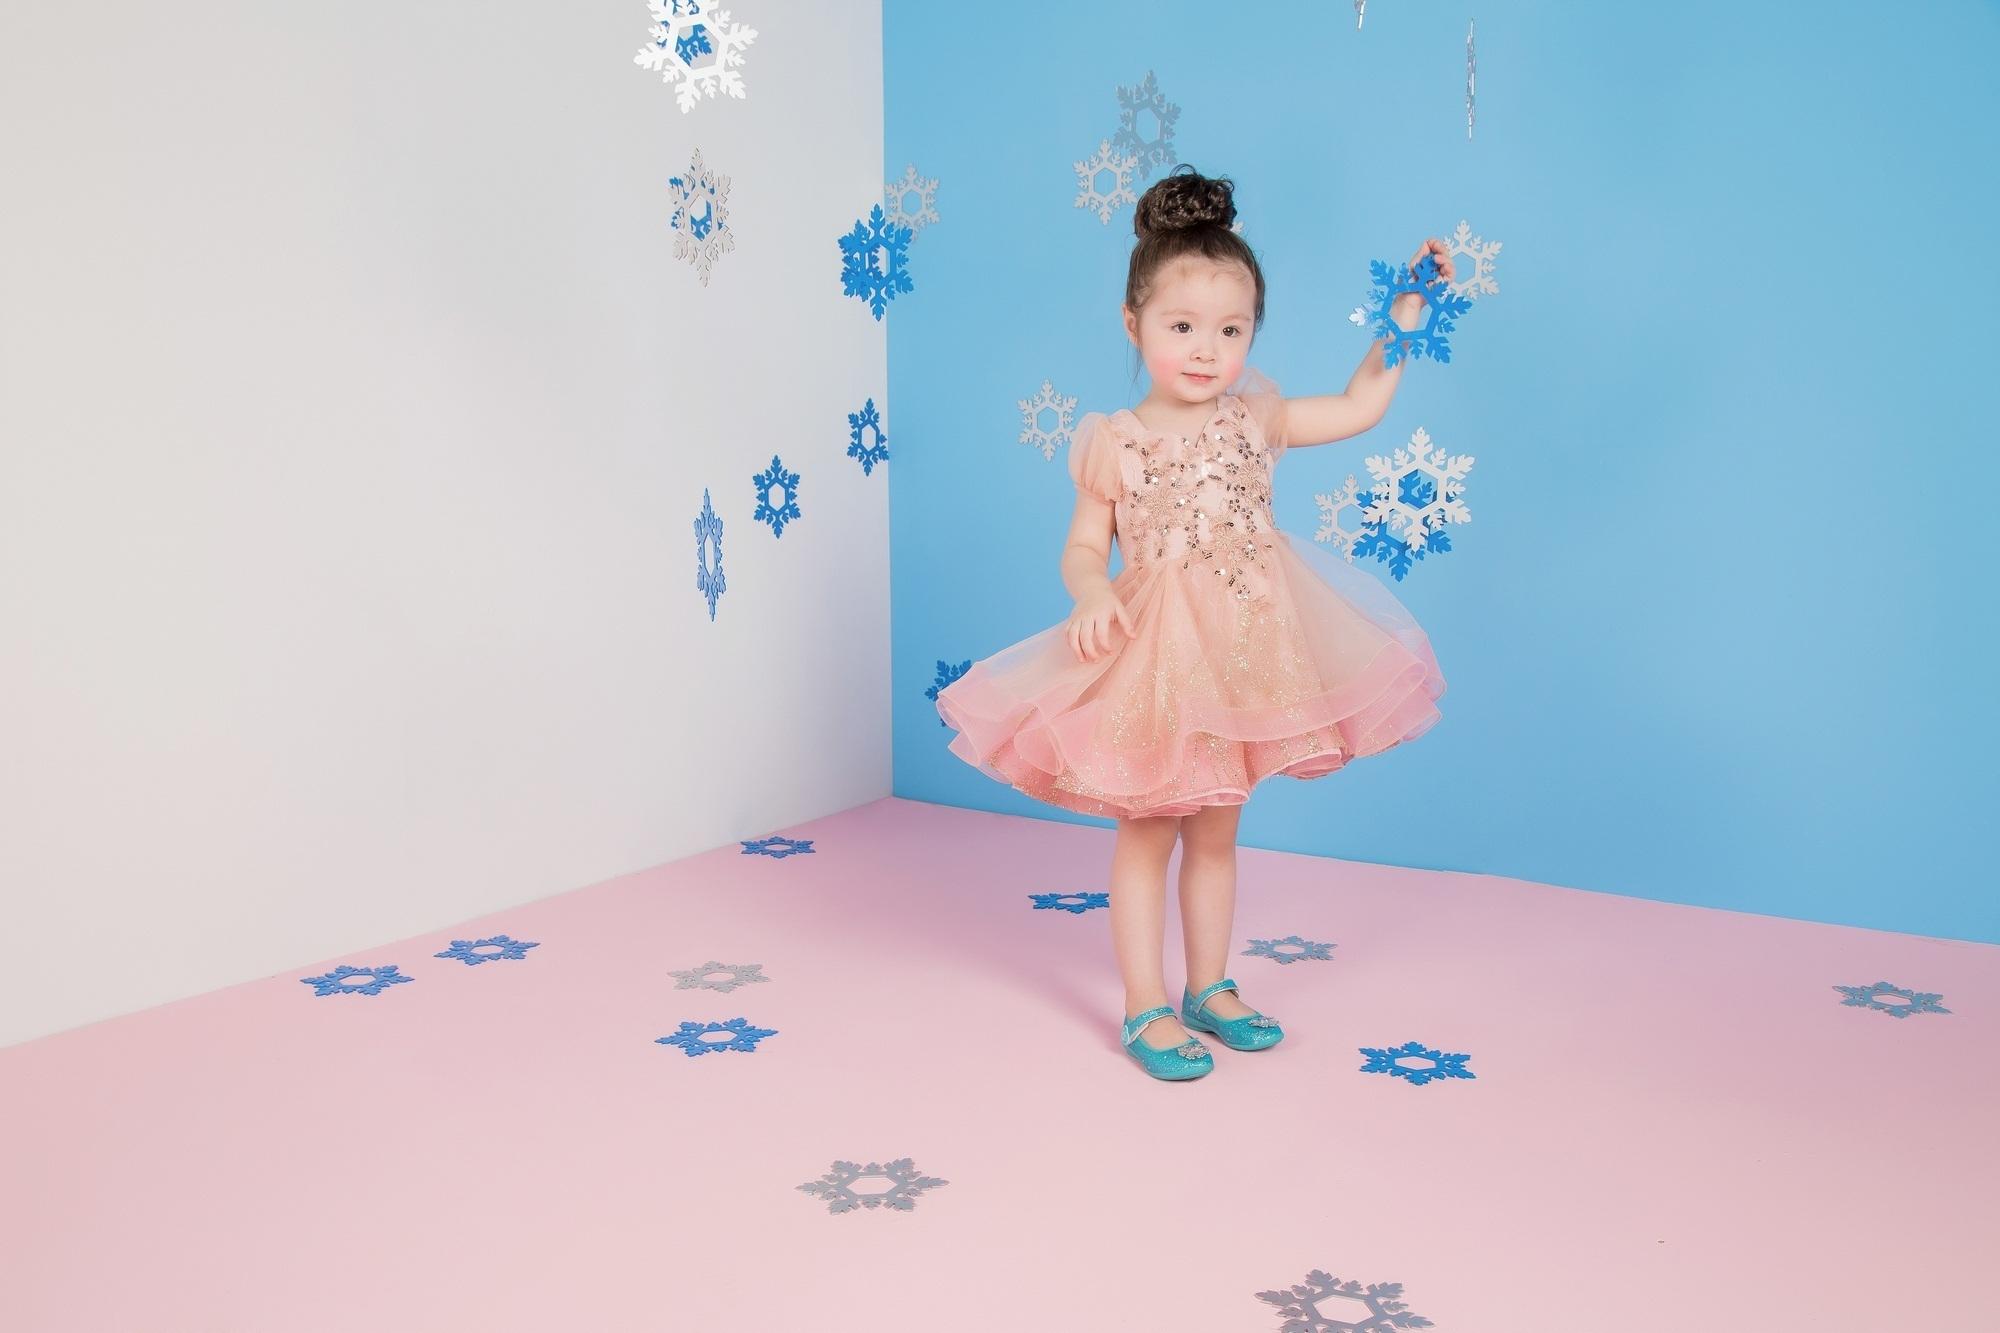 """Cadie Mộc Trà """"đốn tim"""" với ảnh Giáng sinh tựa công chúa Elsa - 9"""